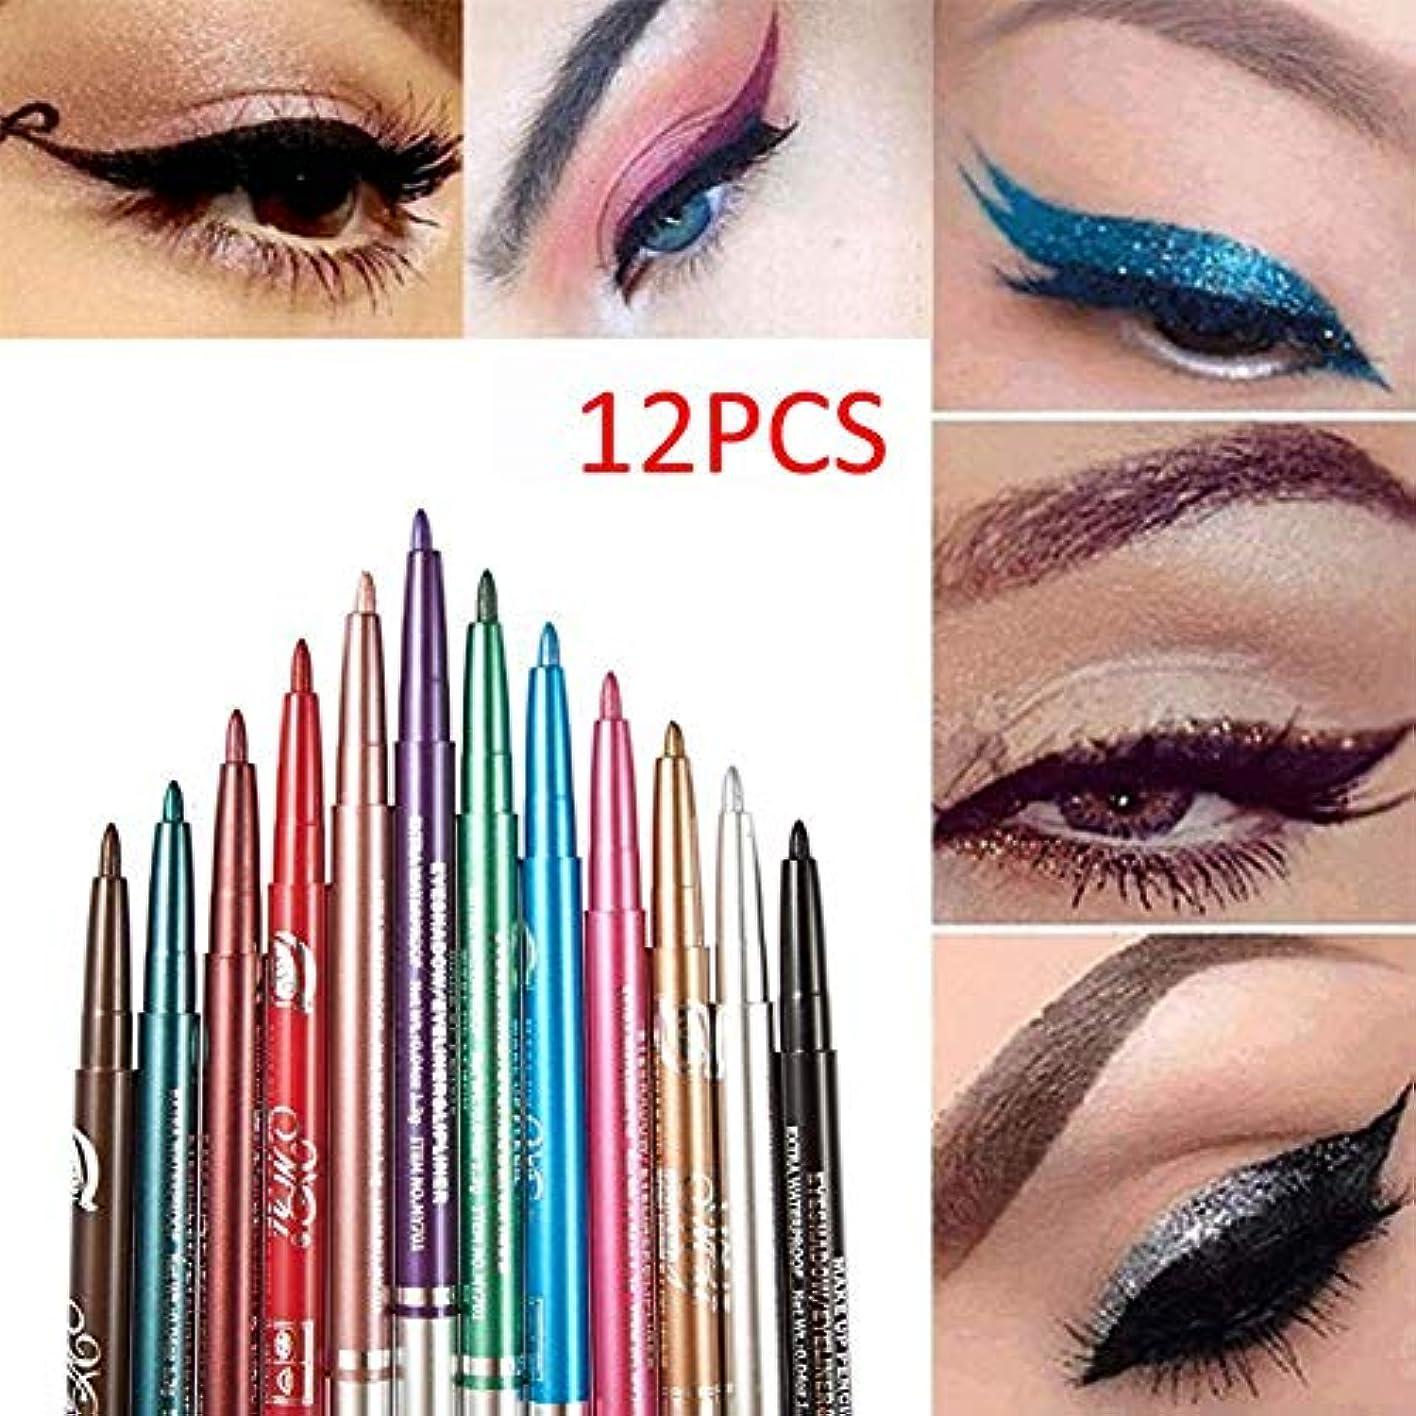 丁寧エネルギートリップOdette 12色 アイシャドウペン アイライナー アイライナー ペンシル Eyeliner リップライン 速乾性 防水性 防汗性 長持ちし 化粧品をはがせるのが簡単 (Color-#5)